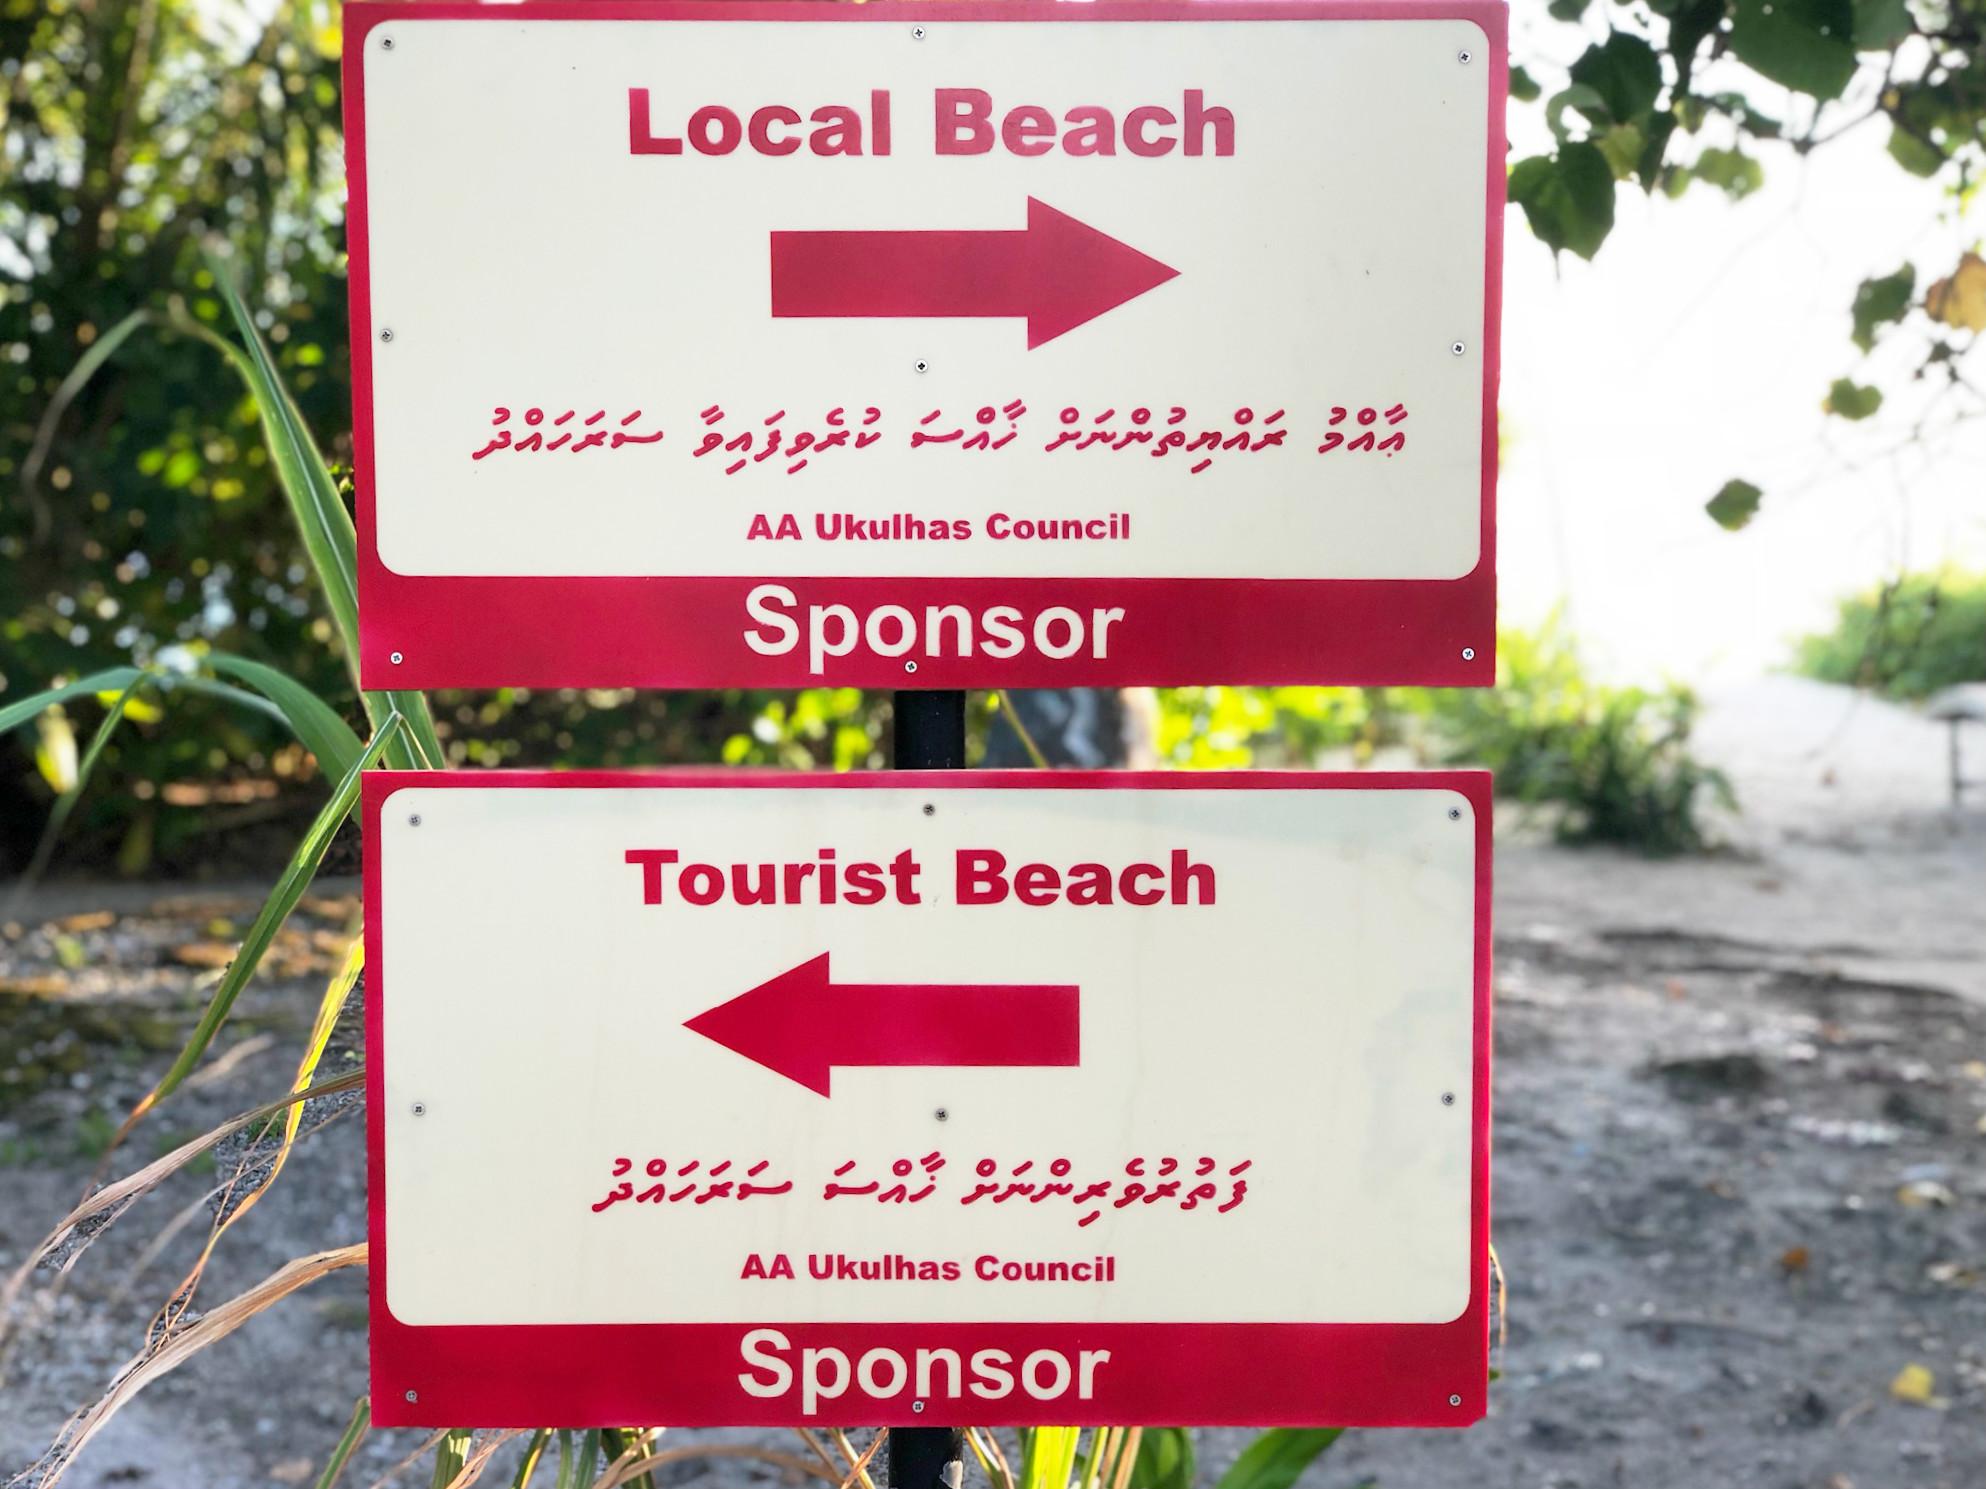 Ihr könnt natürlich auch am Local Beach vorbeischauen. Dann aber nicht im Bikini